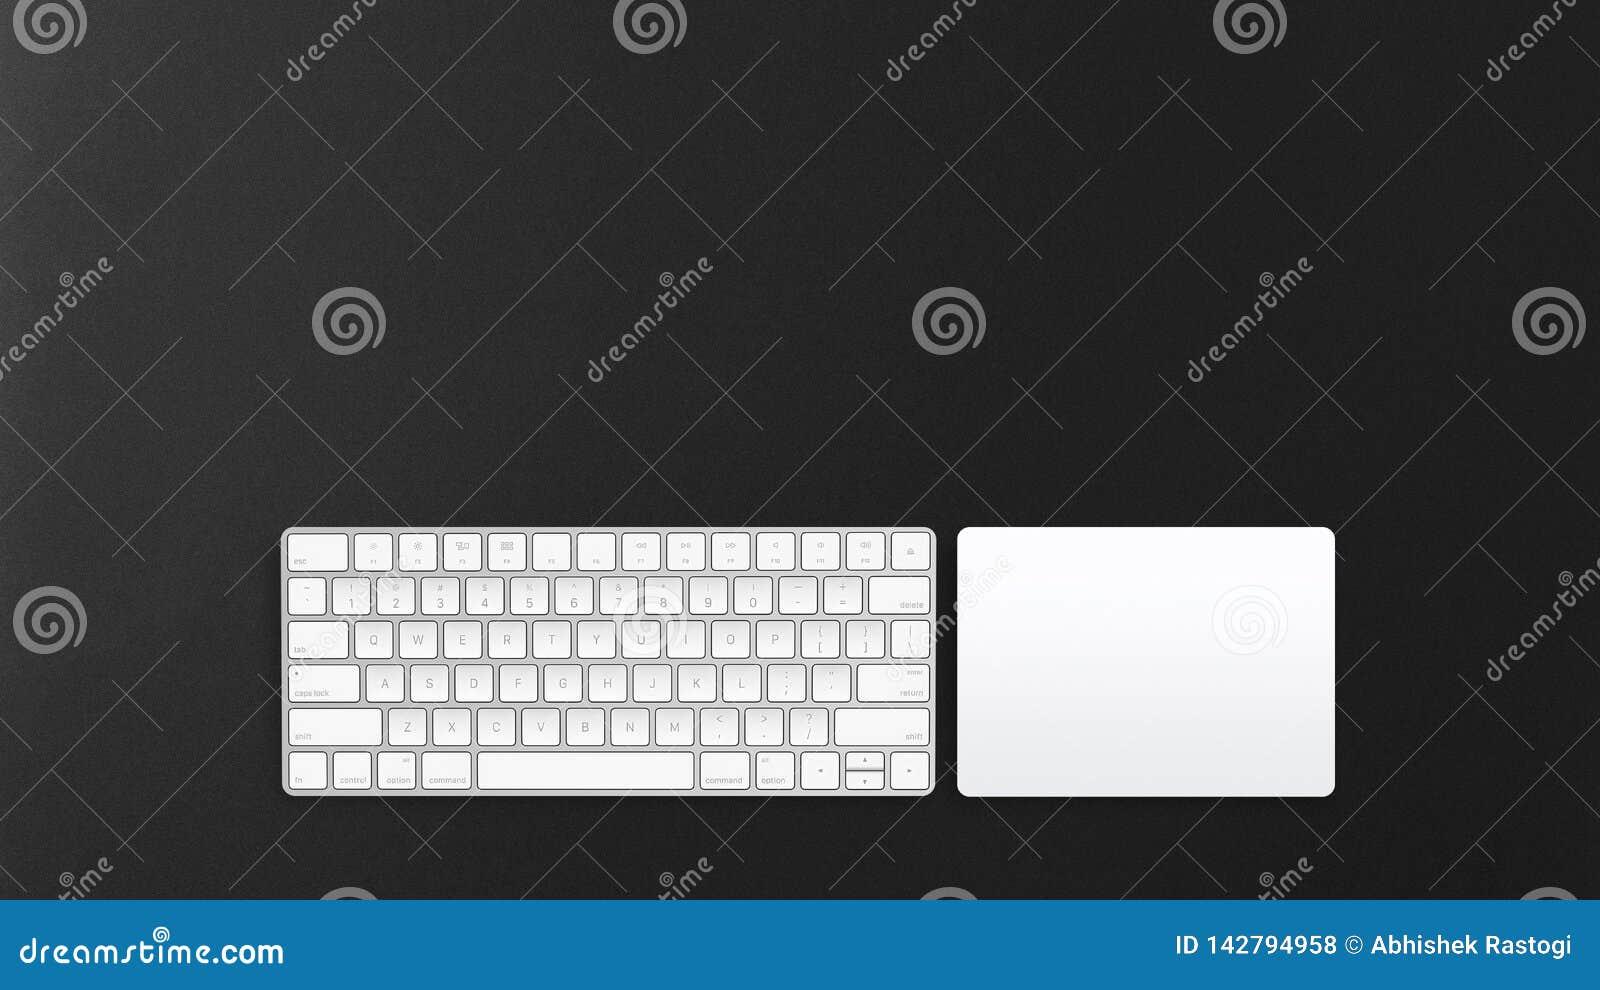 Ασύρματο πληκτρολόγιο υπολογιστών και trackpad